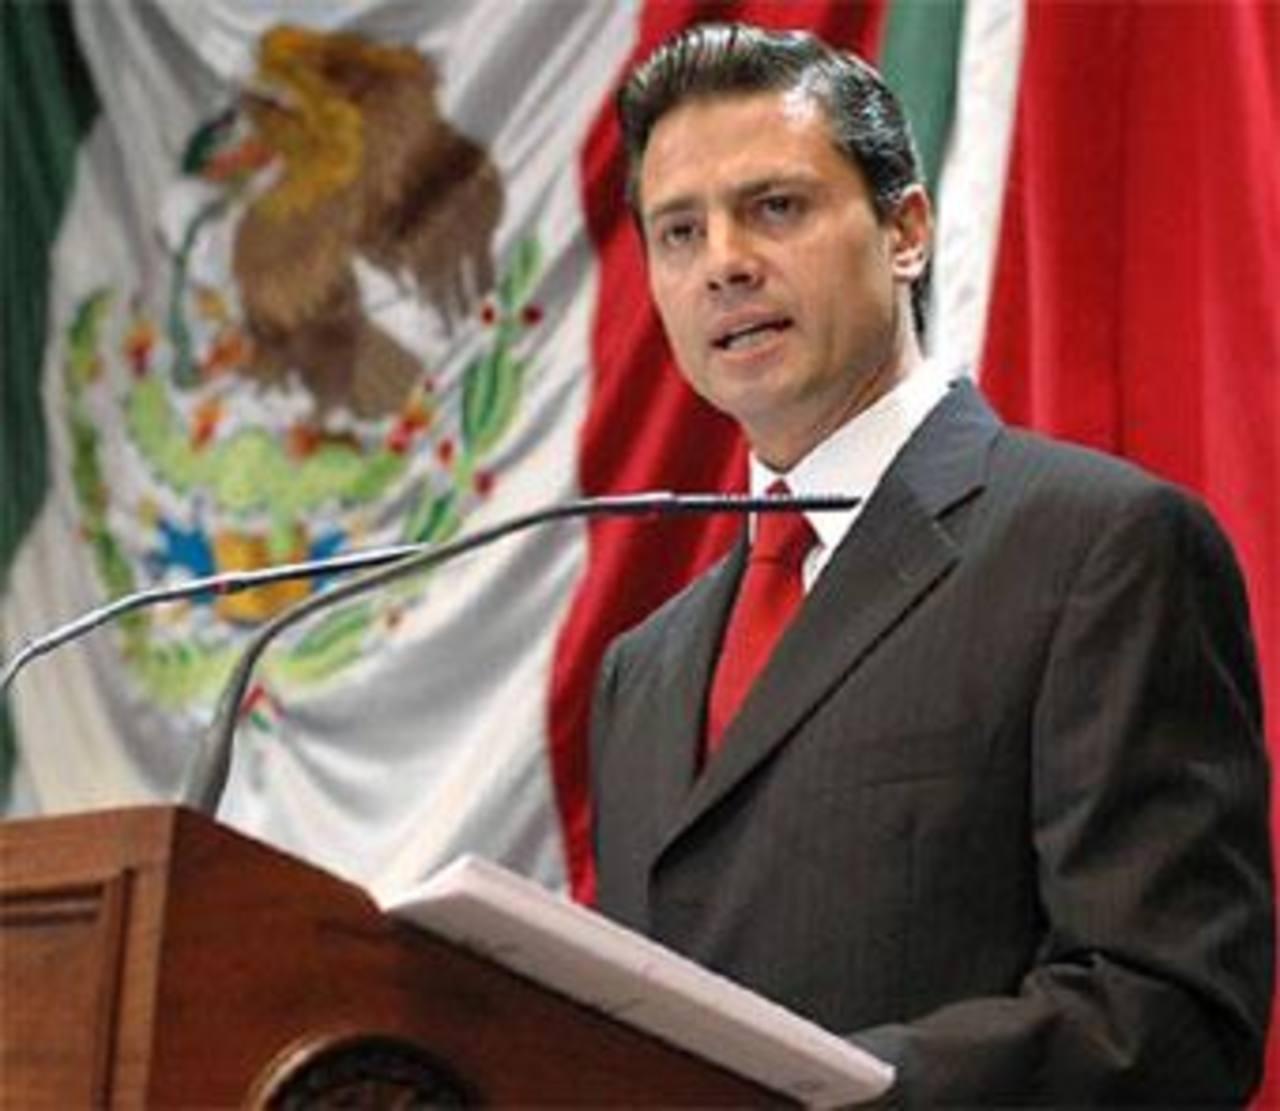 Peña Nieto dijo además que la economía mexicana comienza a exhibir señales de mejoría frente a los primeros meses del año y que espera alcanzar para finales del 2014 la previsión de la Secretaría de Hacienda de una expansión del 2.7 por ciento.